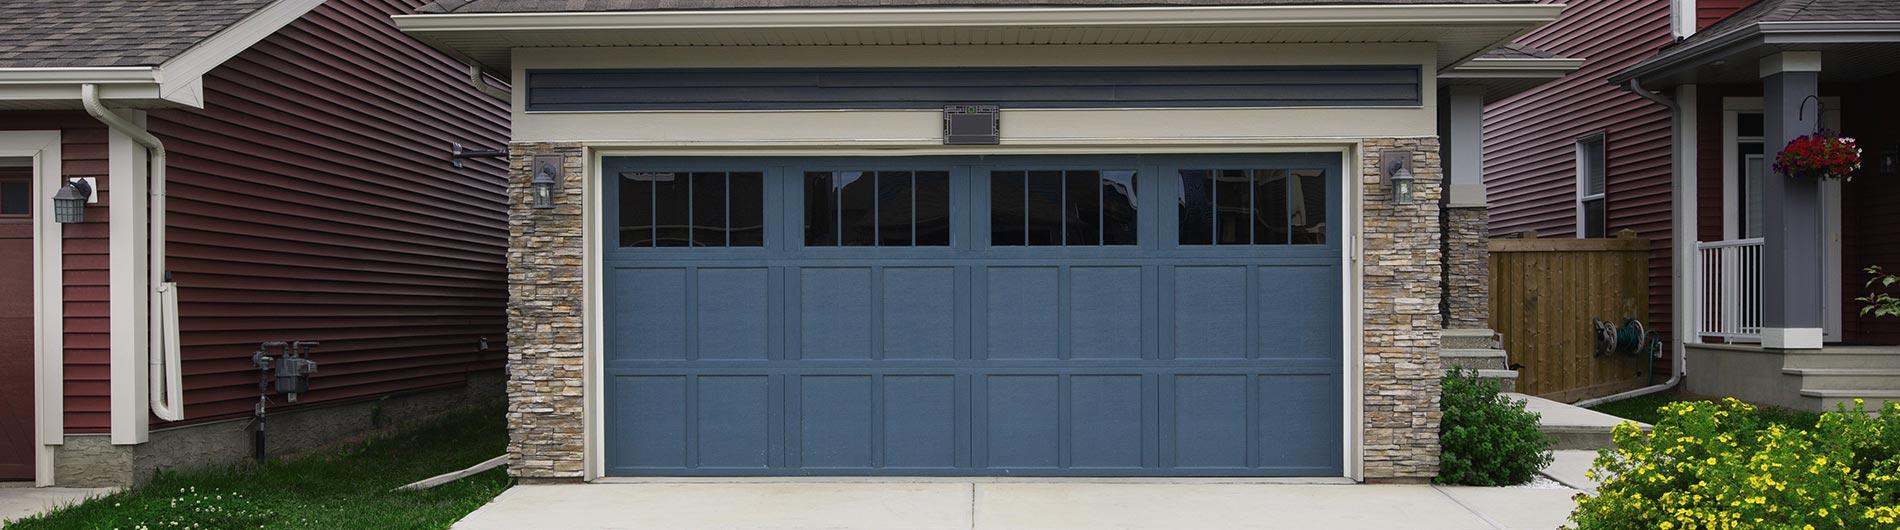 Carriage House Steel Garage Doors 9700